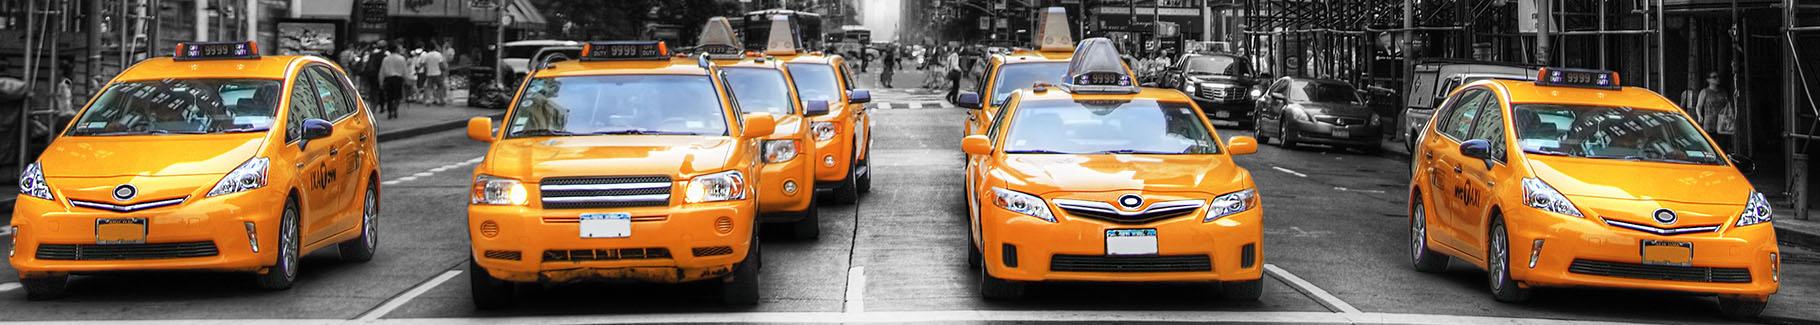 Fototapeta taksówki w NY